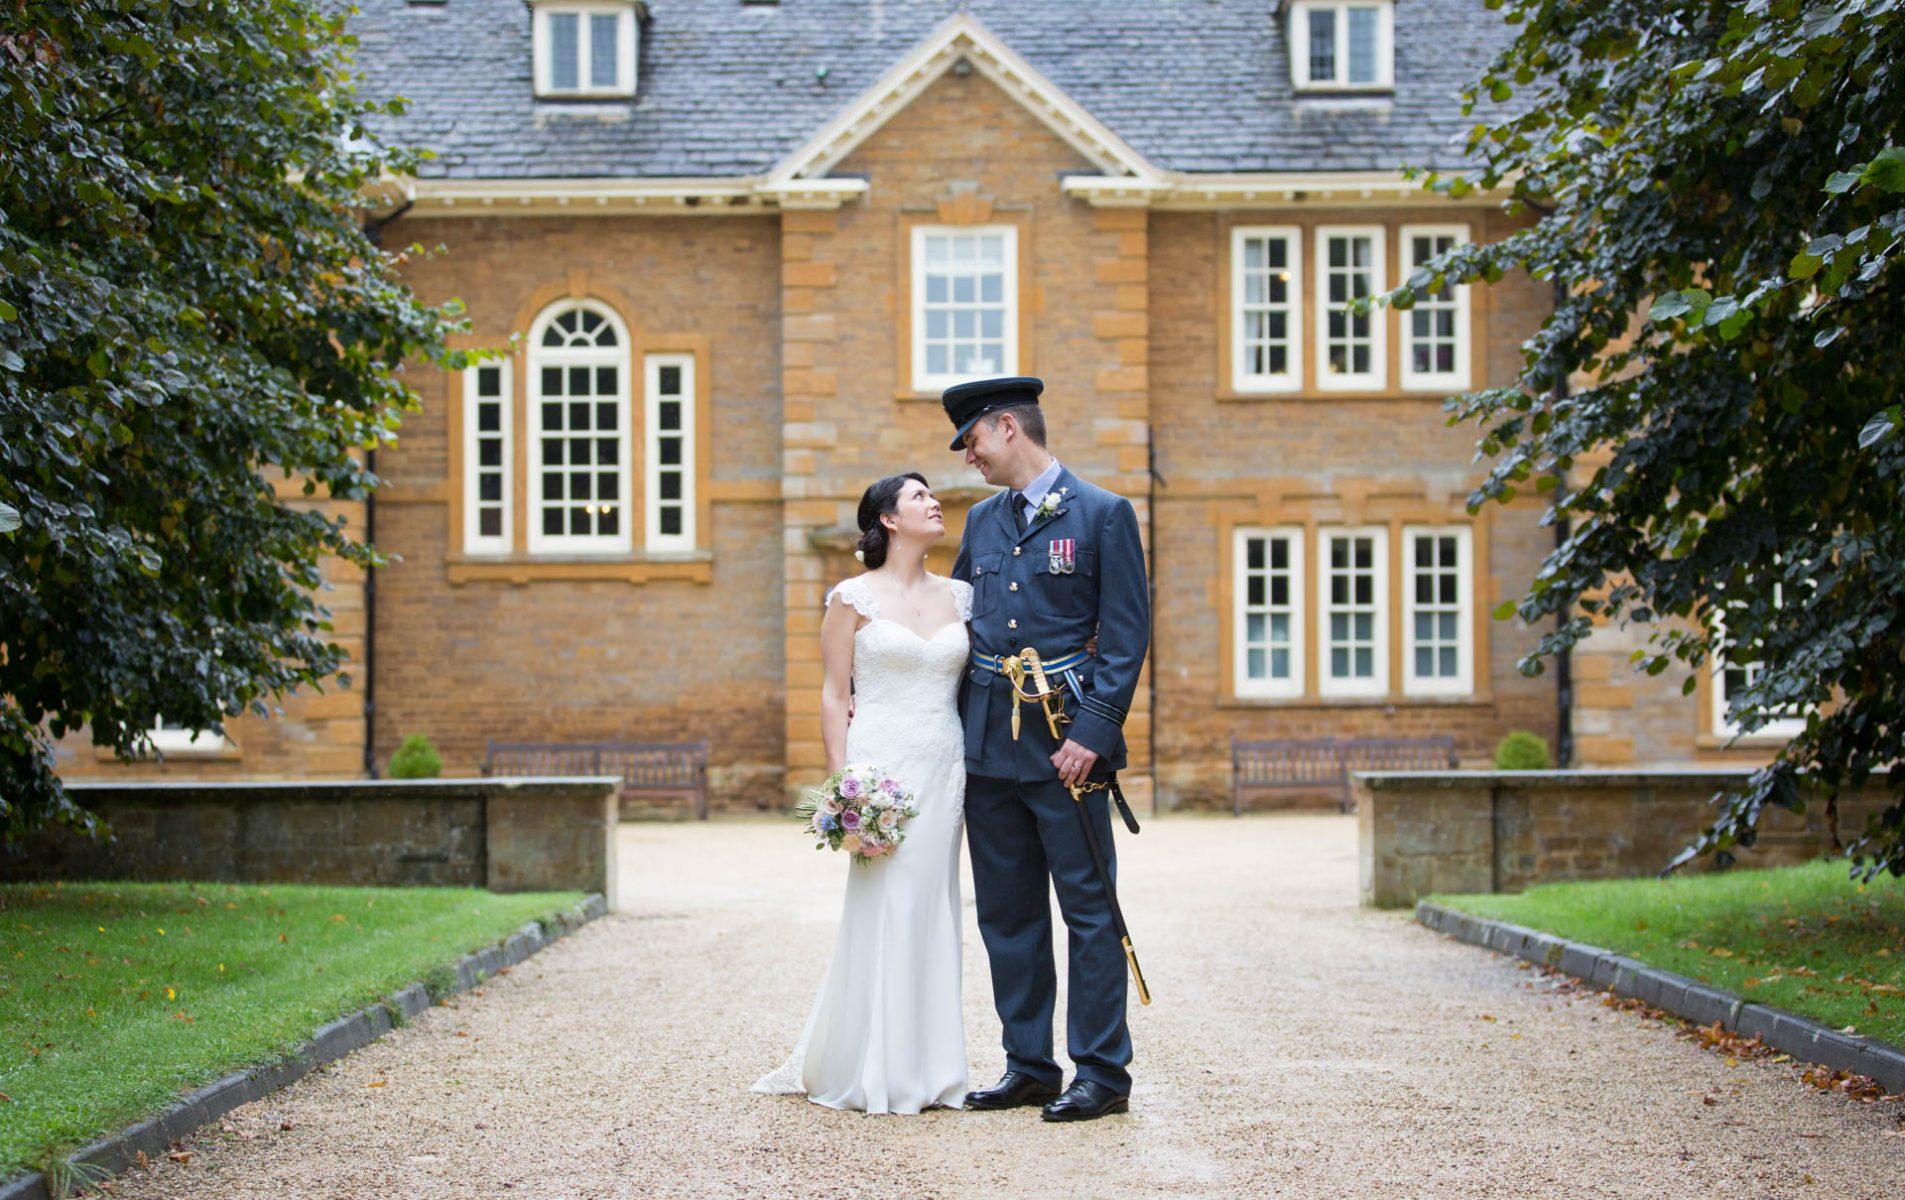 Poundon House RAF Wedding - Maylin and Oliver